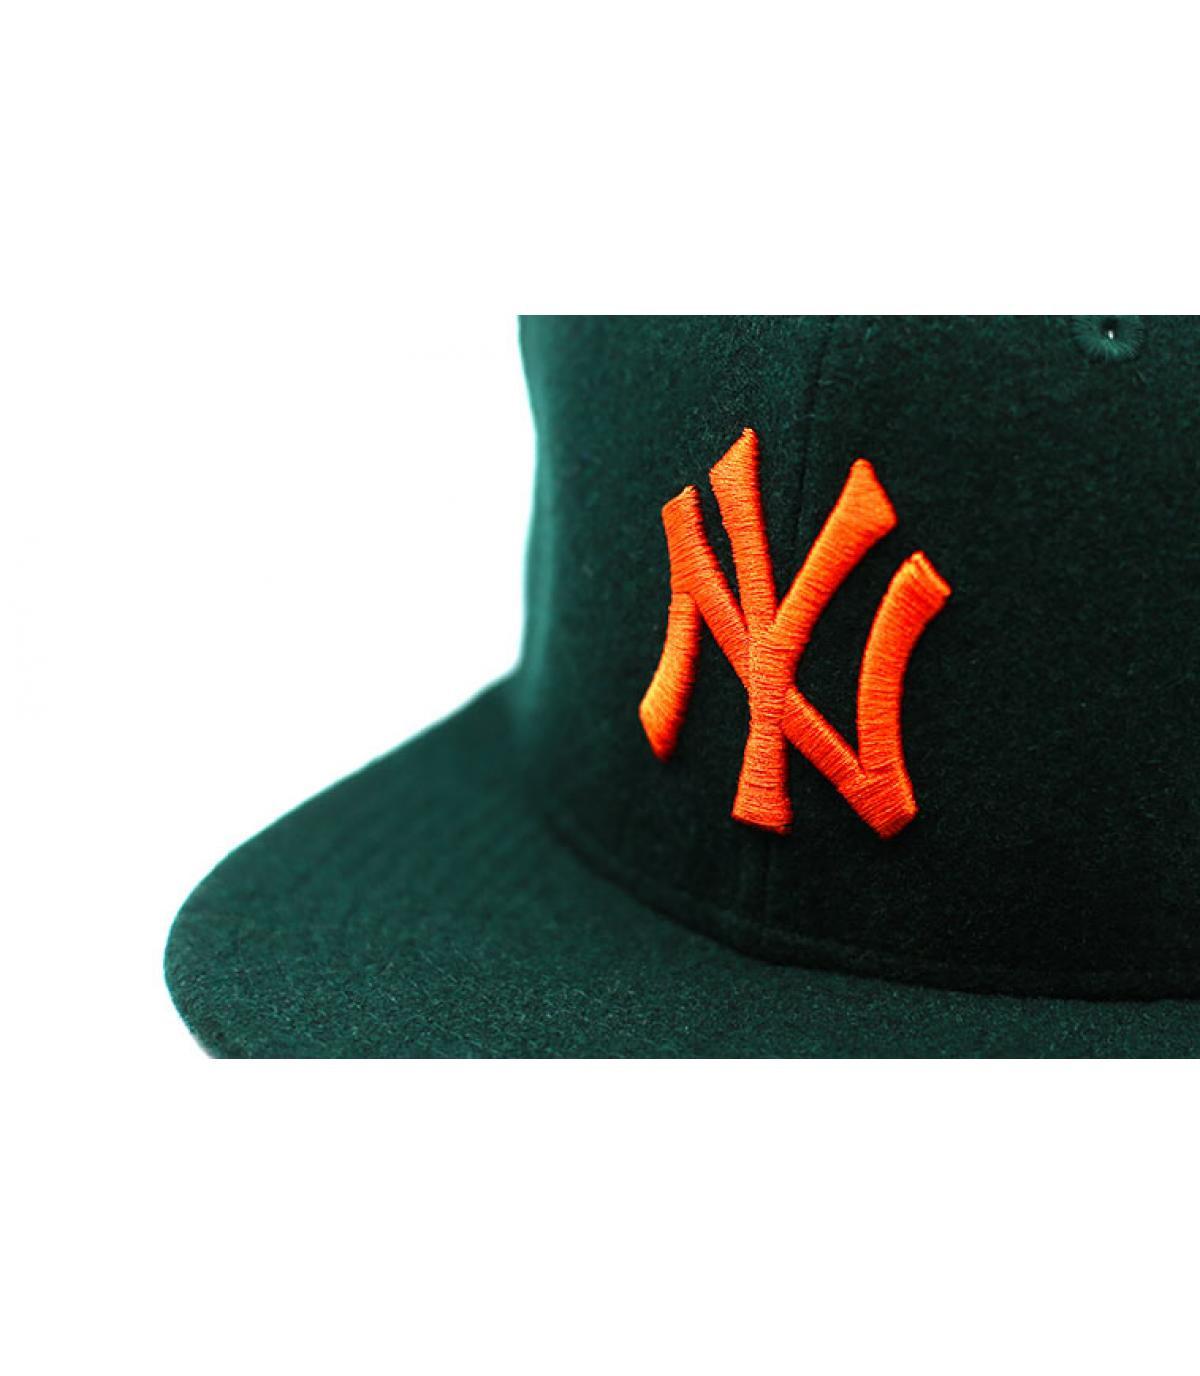 Details Snapback Winter Utility NY Melton 9Fifty dark green orange - Abbildung 3